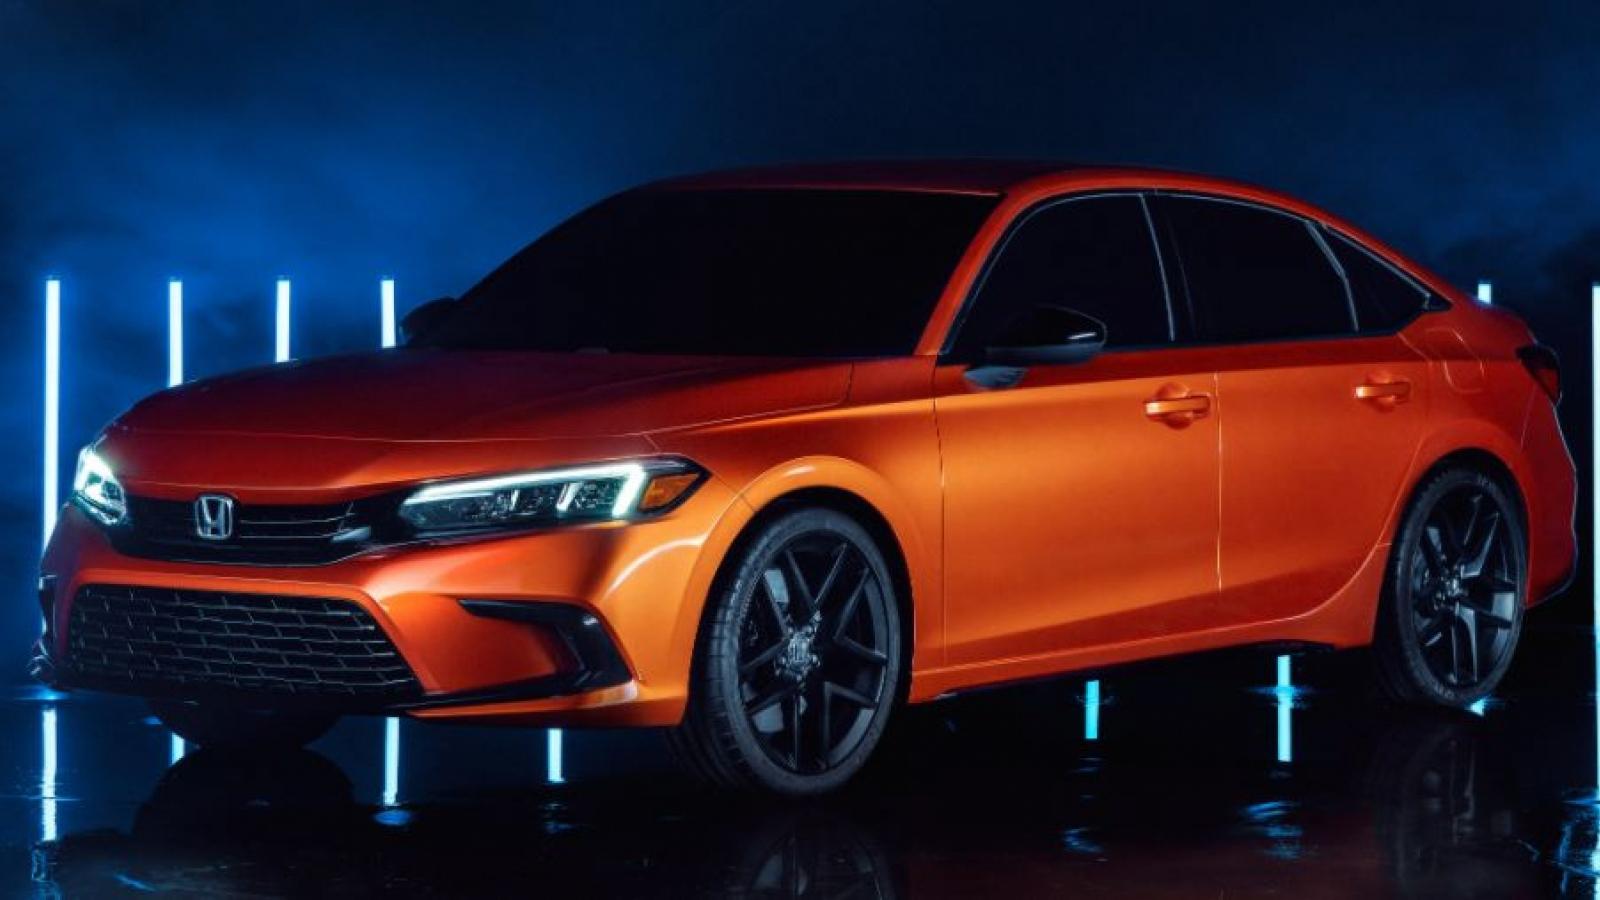 Hình ảnh Honda Civic 2022 bắt đầu đi vào sản xuất